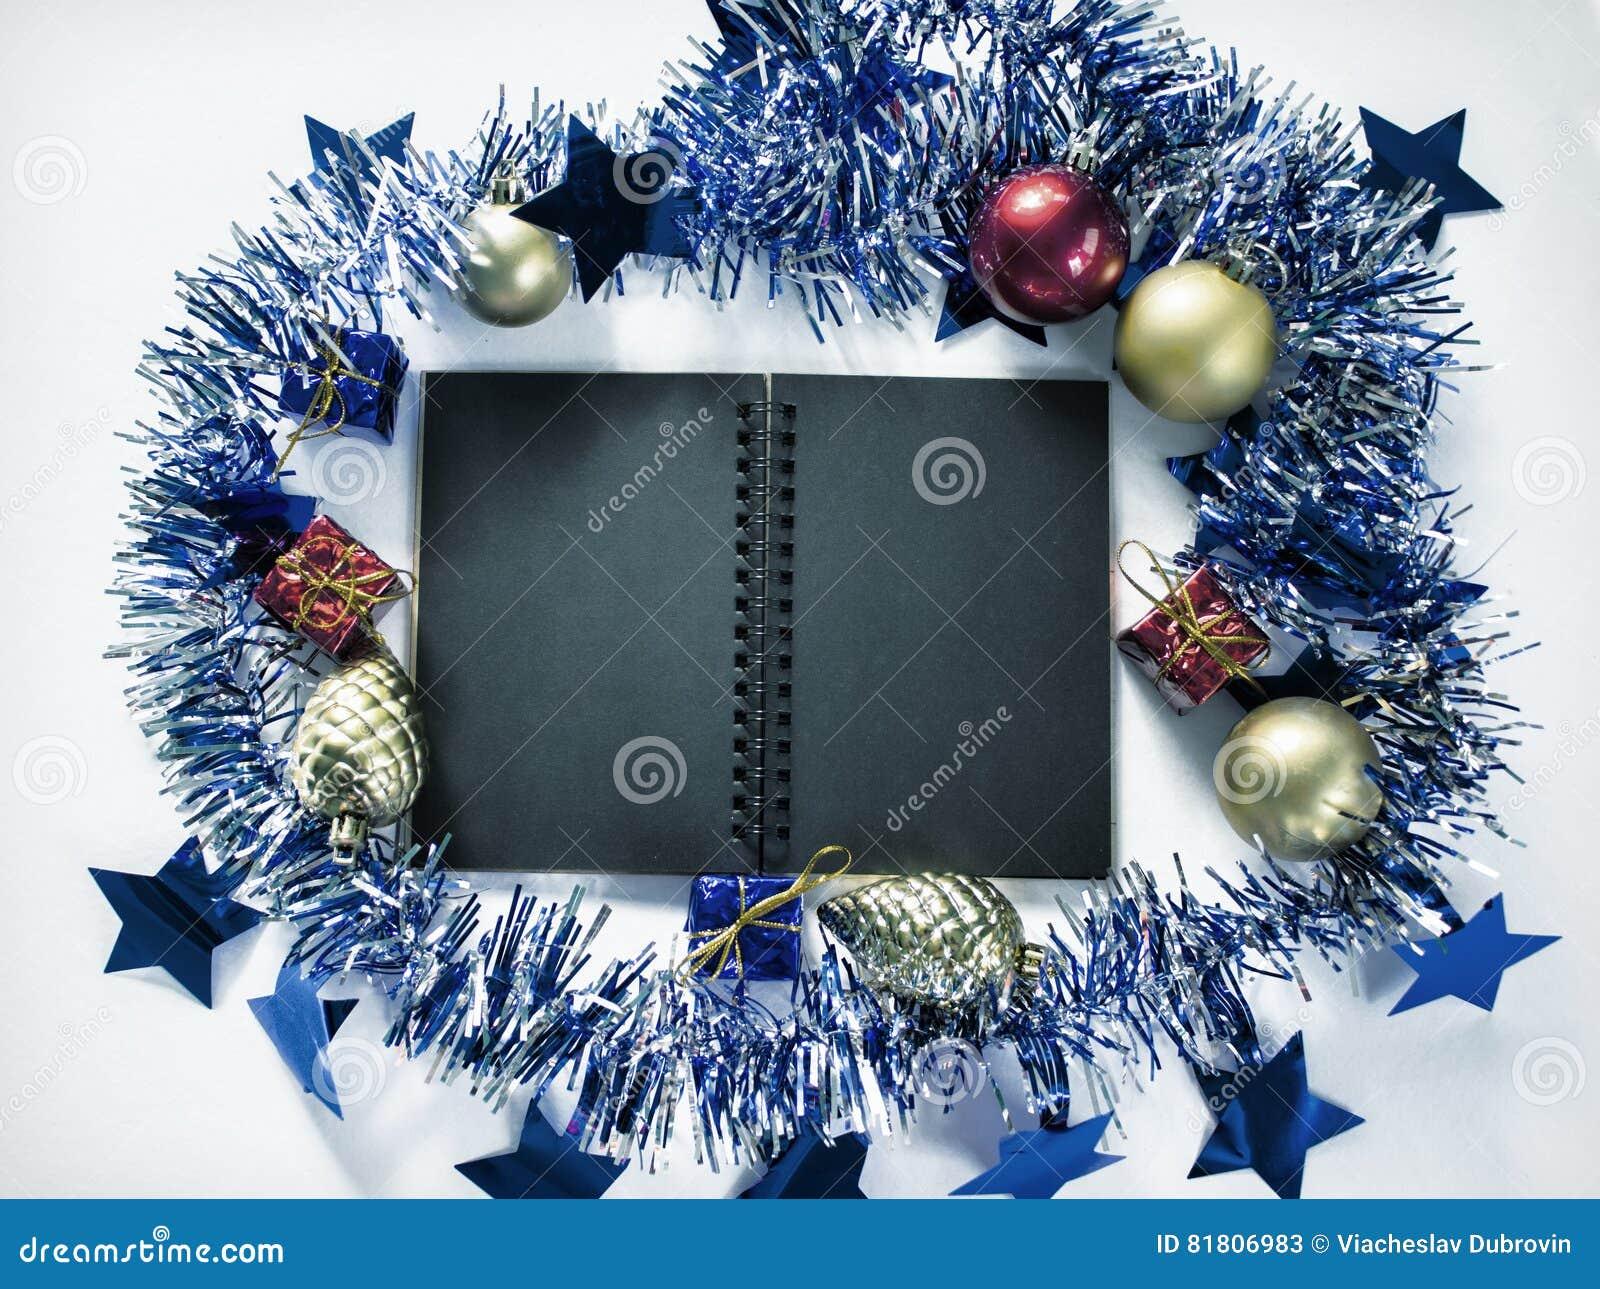 Фото предпосылки положения квартиры оформления рождества Винтажный фон рождества